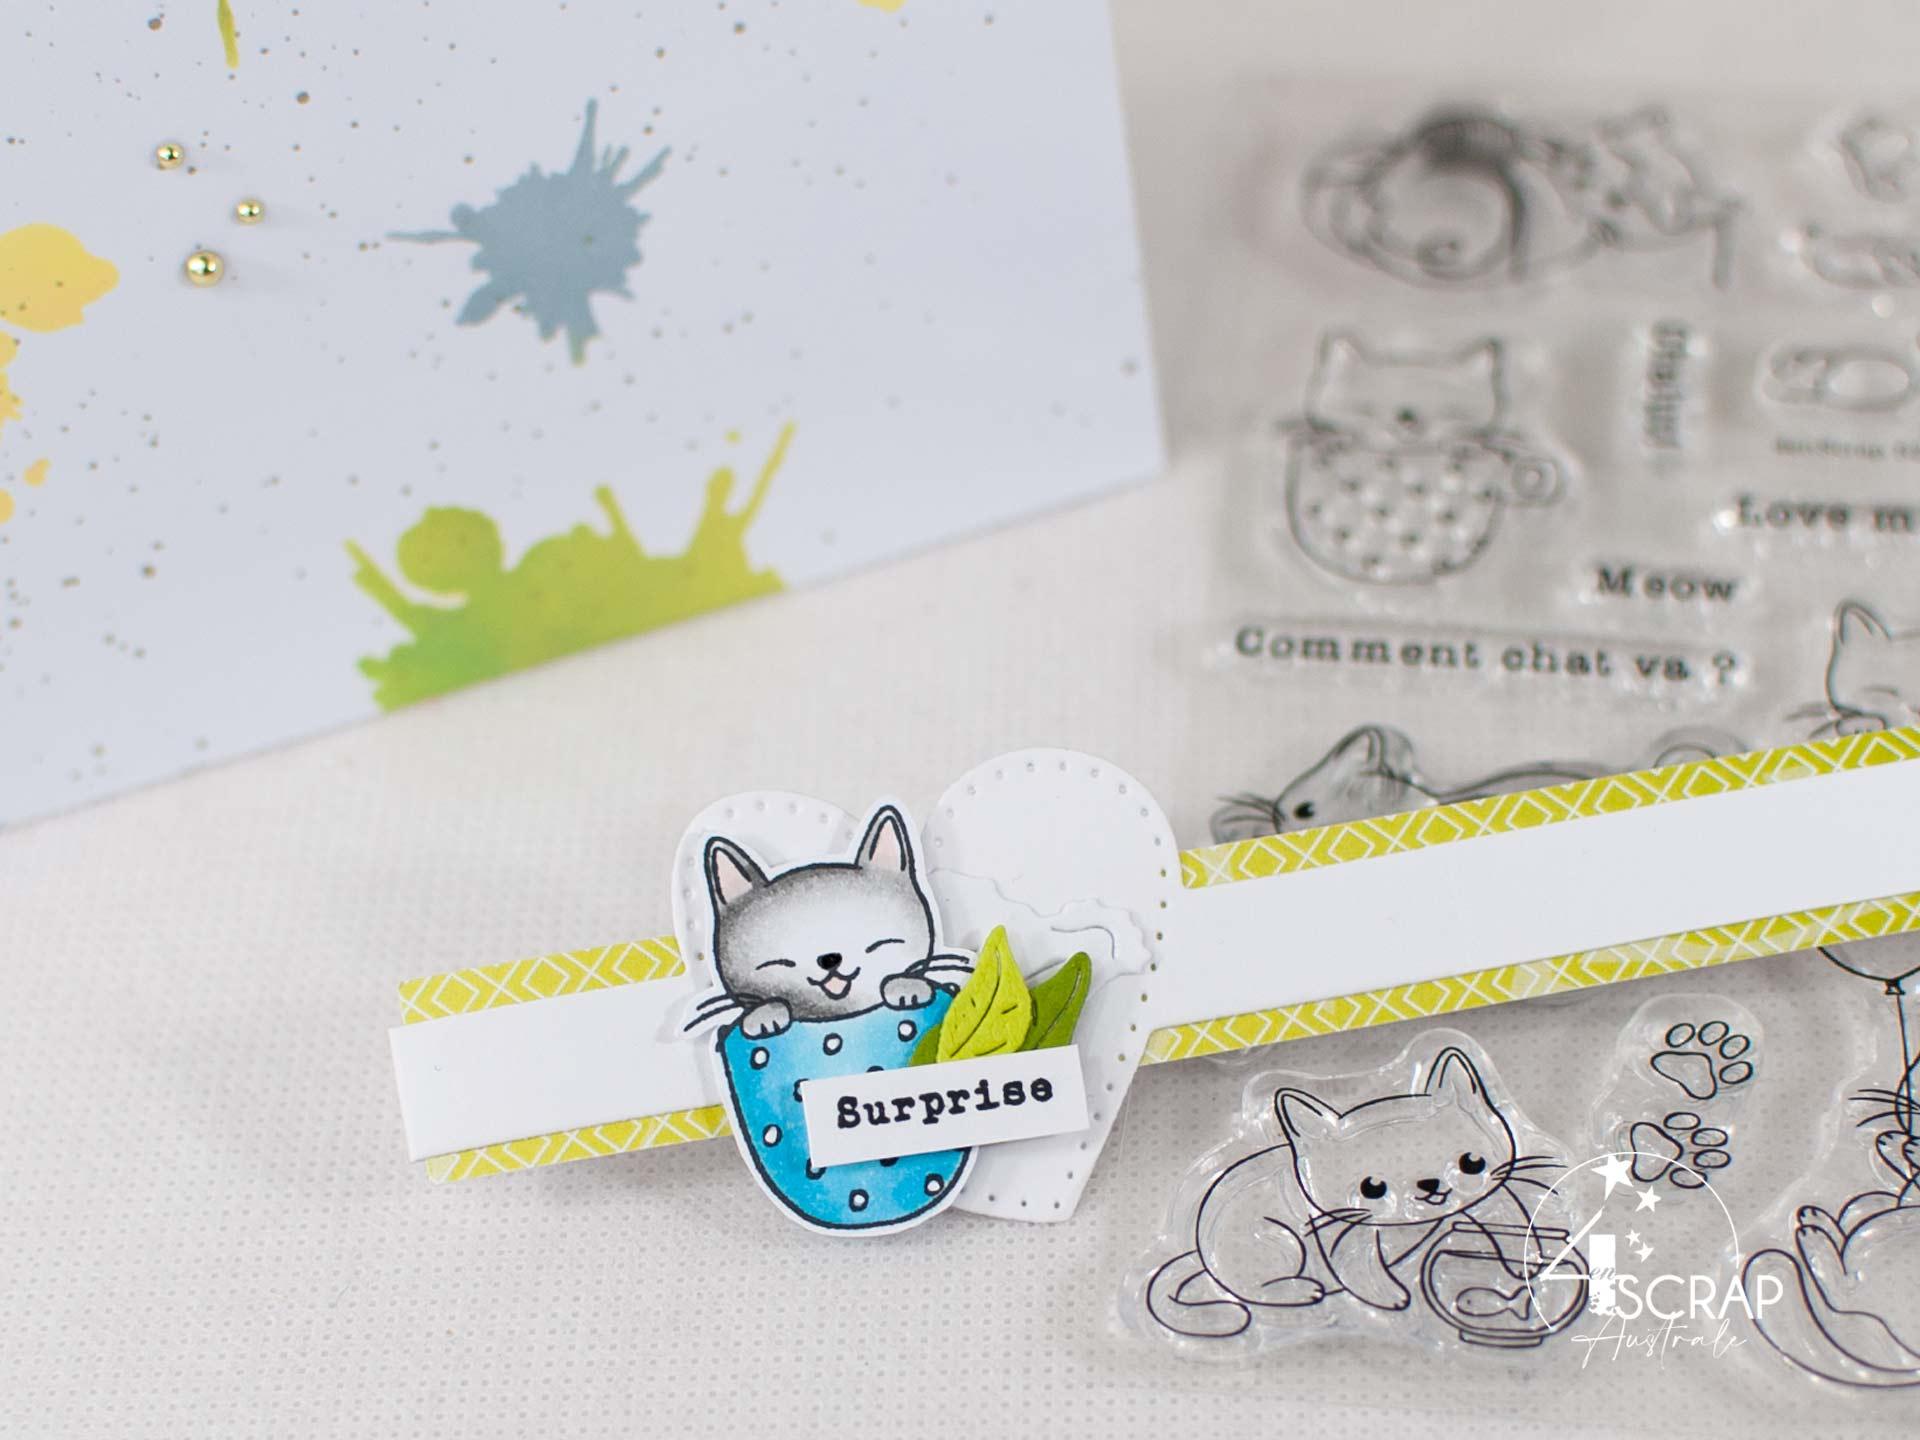 Enveloppe surprise pour anniversaire avec fond taches réalisé au pochoir et à l'encre, petit chat dans une tasse, feuillages et étiquettes.